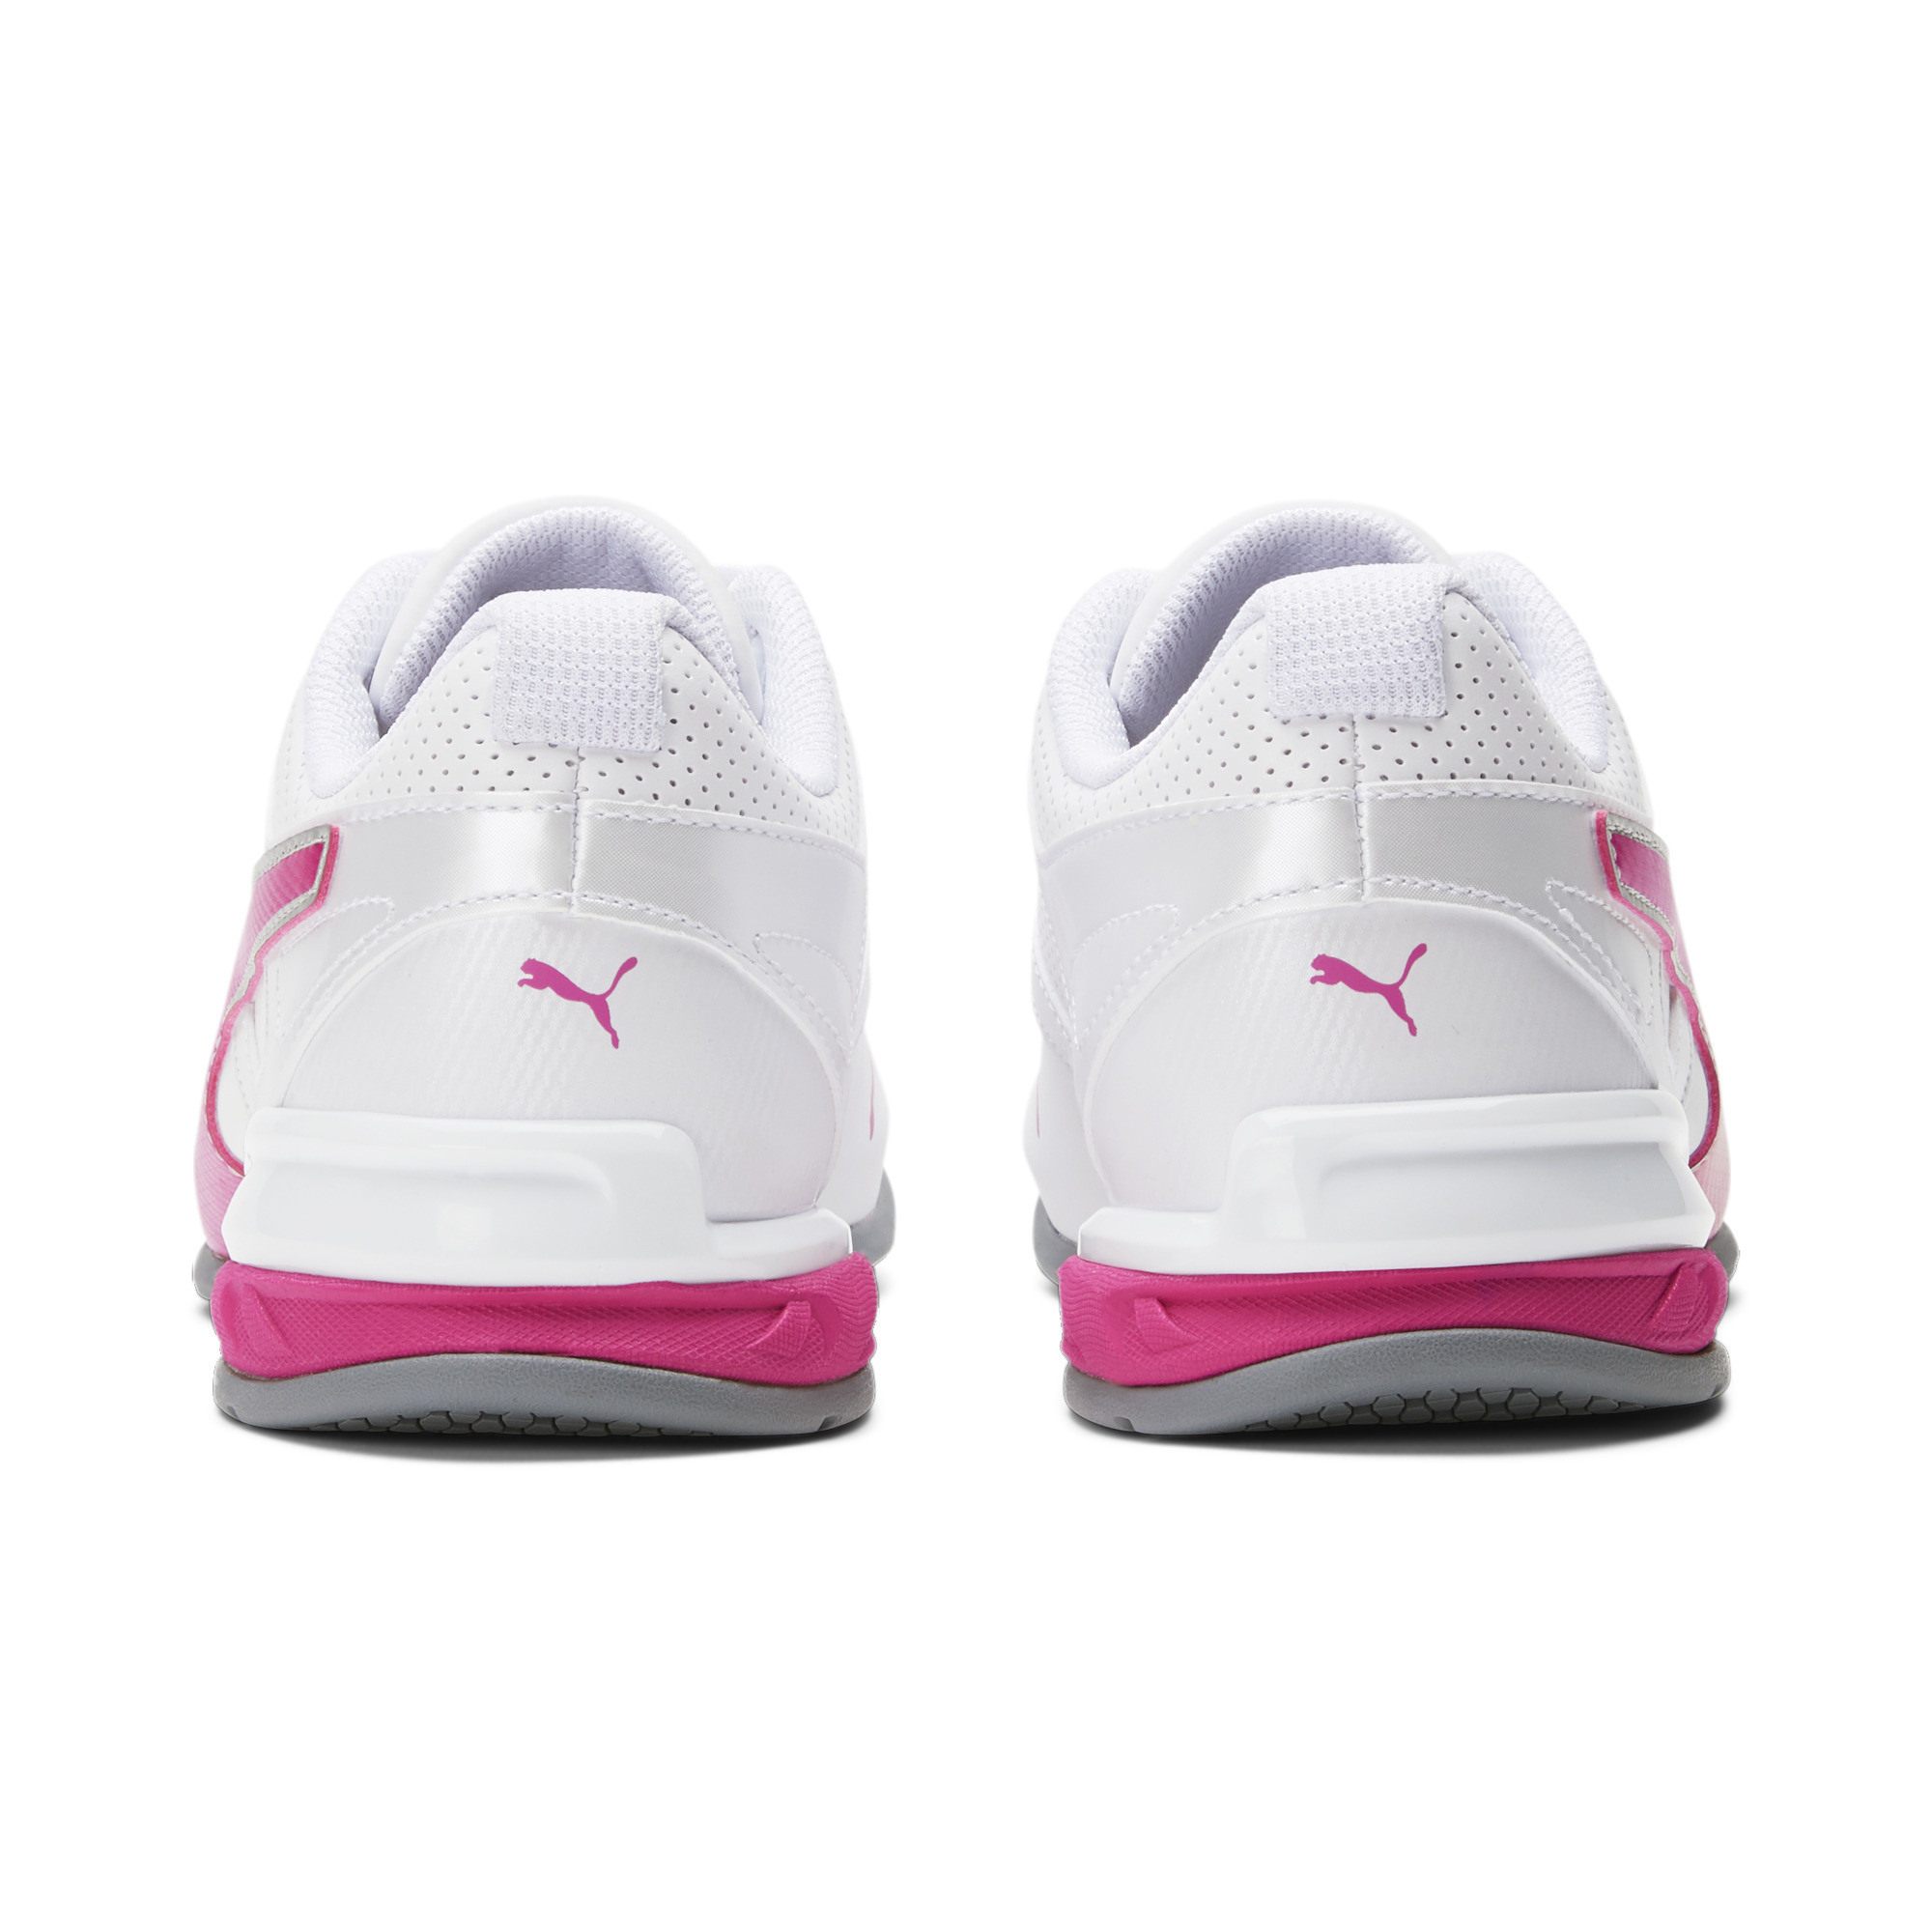 PUMA-Tazon-6-FM-Women-039-s-Sneakers-Women-Shoe-Running thumbnail 16